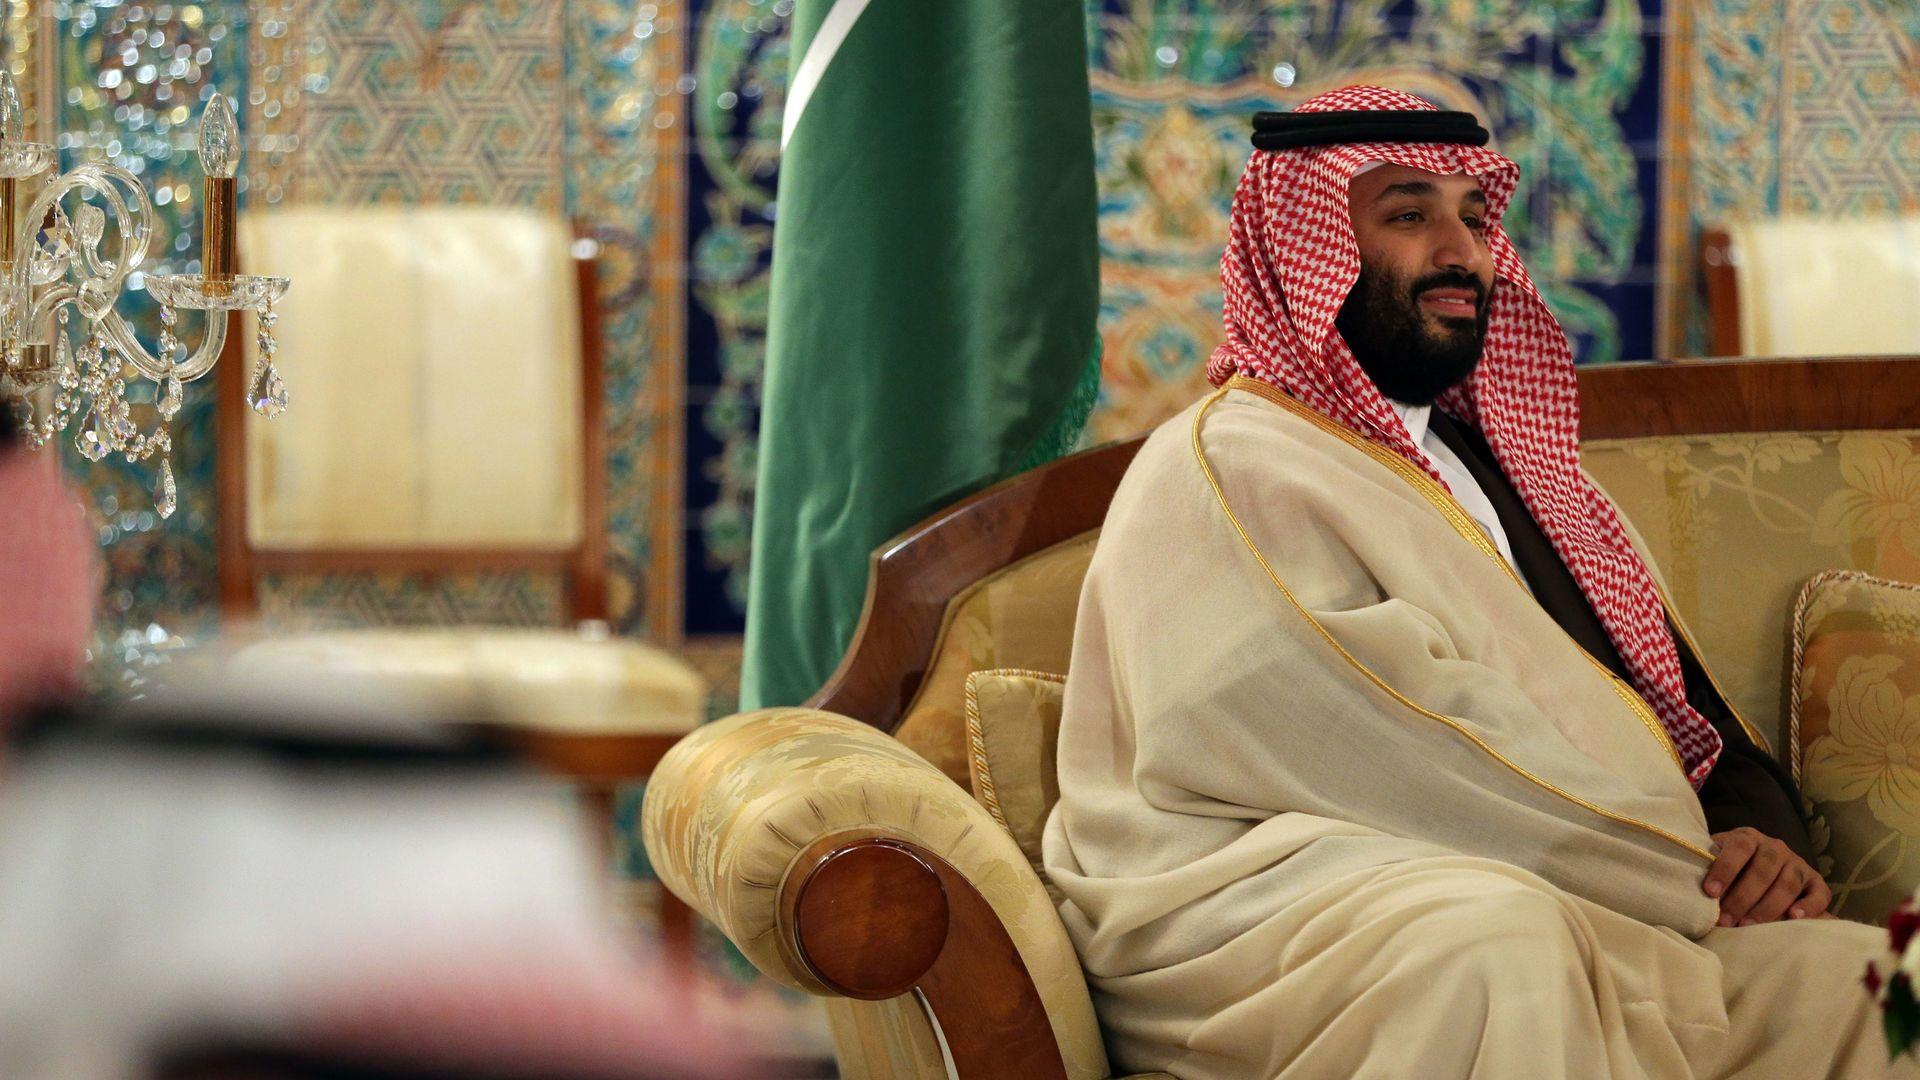 Mohammed bin Salman looks happy.